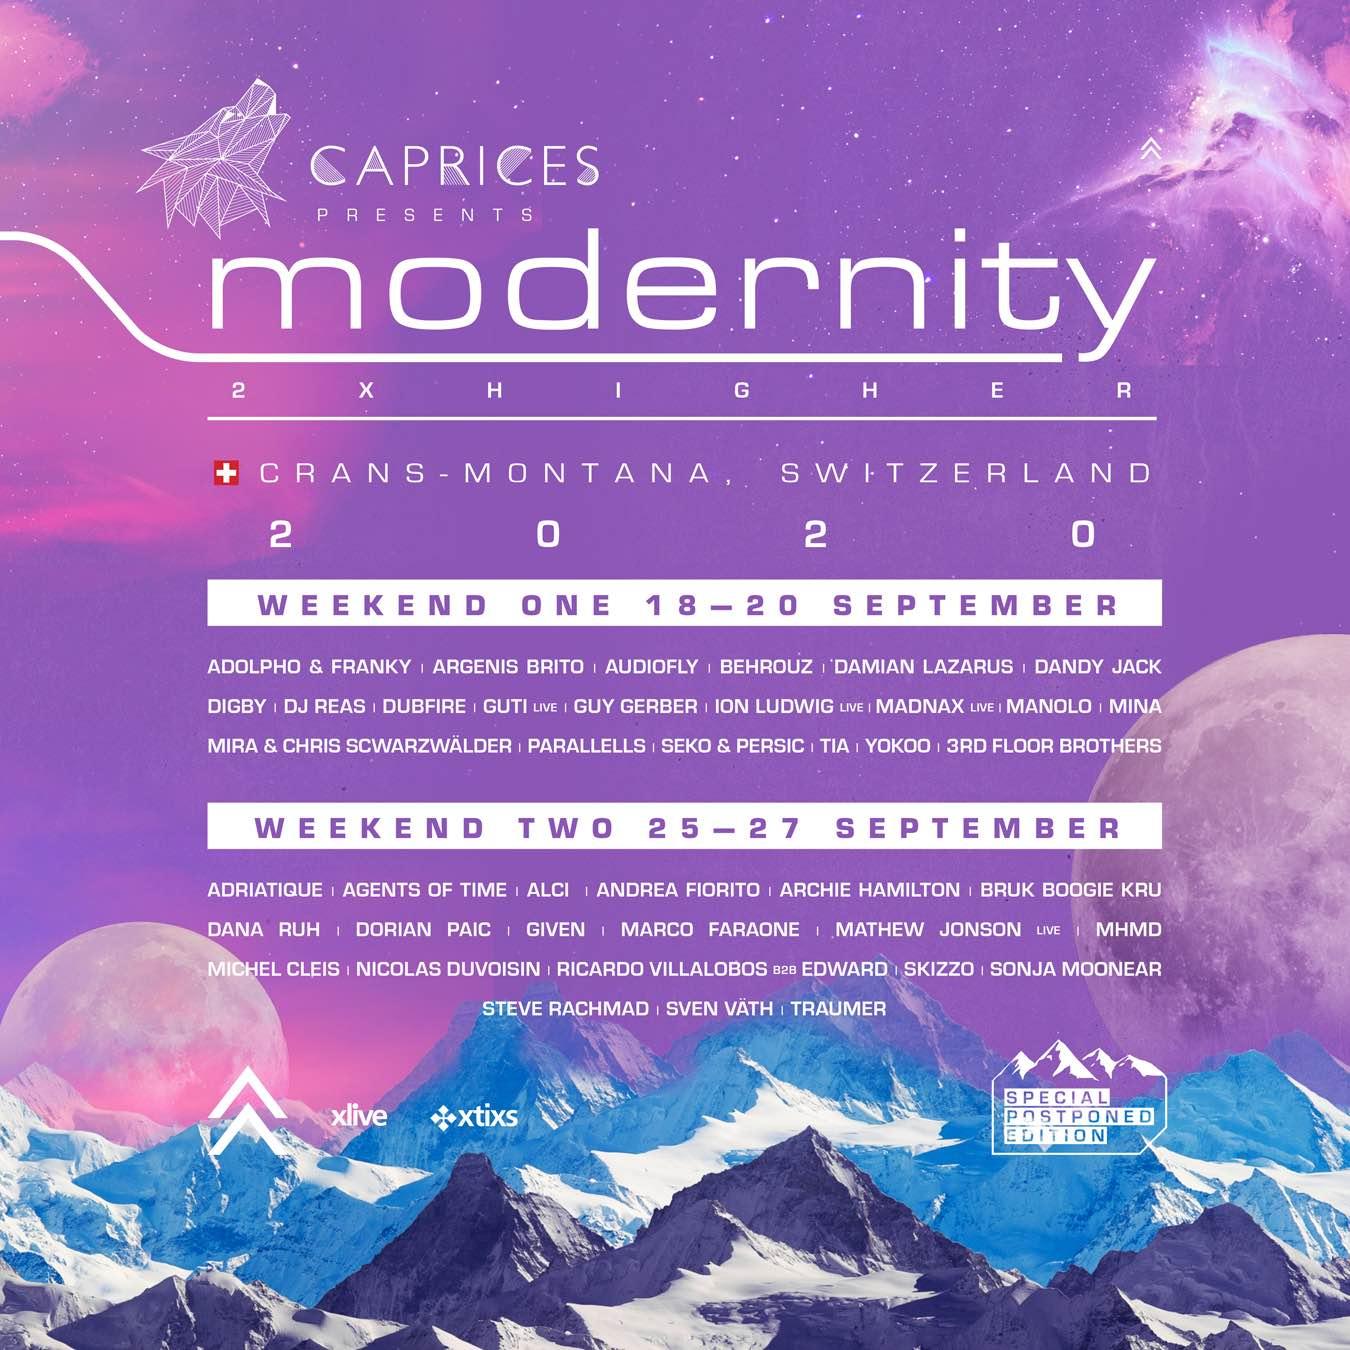 evento friuli caprices 2020 flyer Caprices festival e la line up dell'edizione 2020